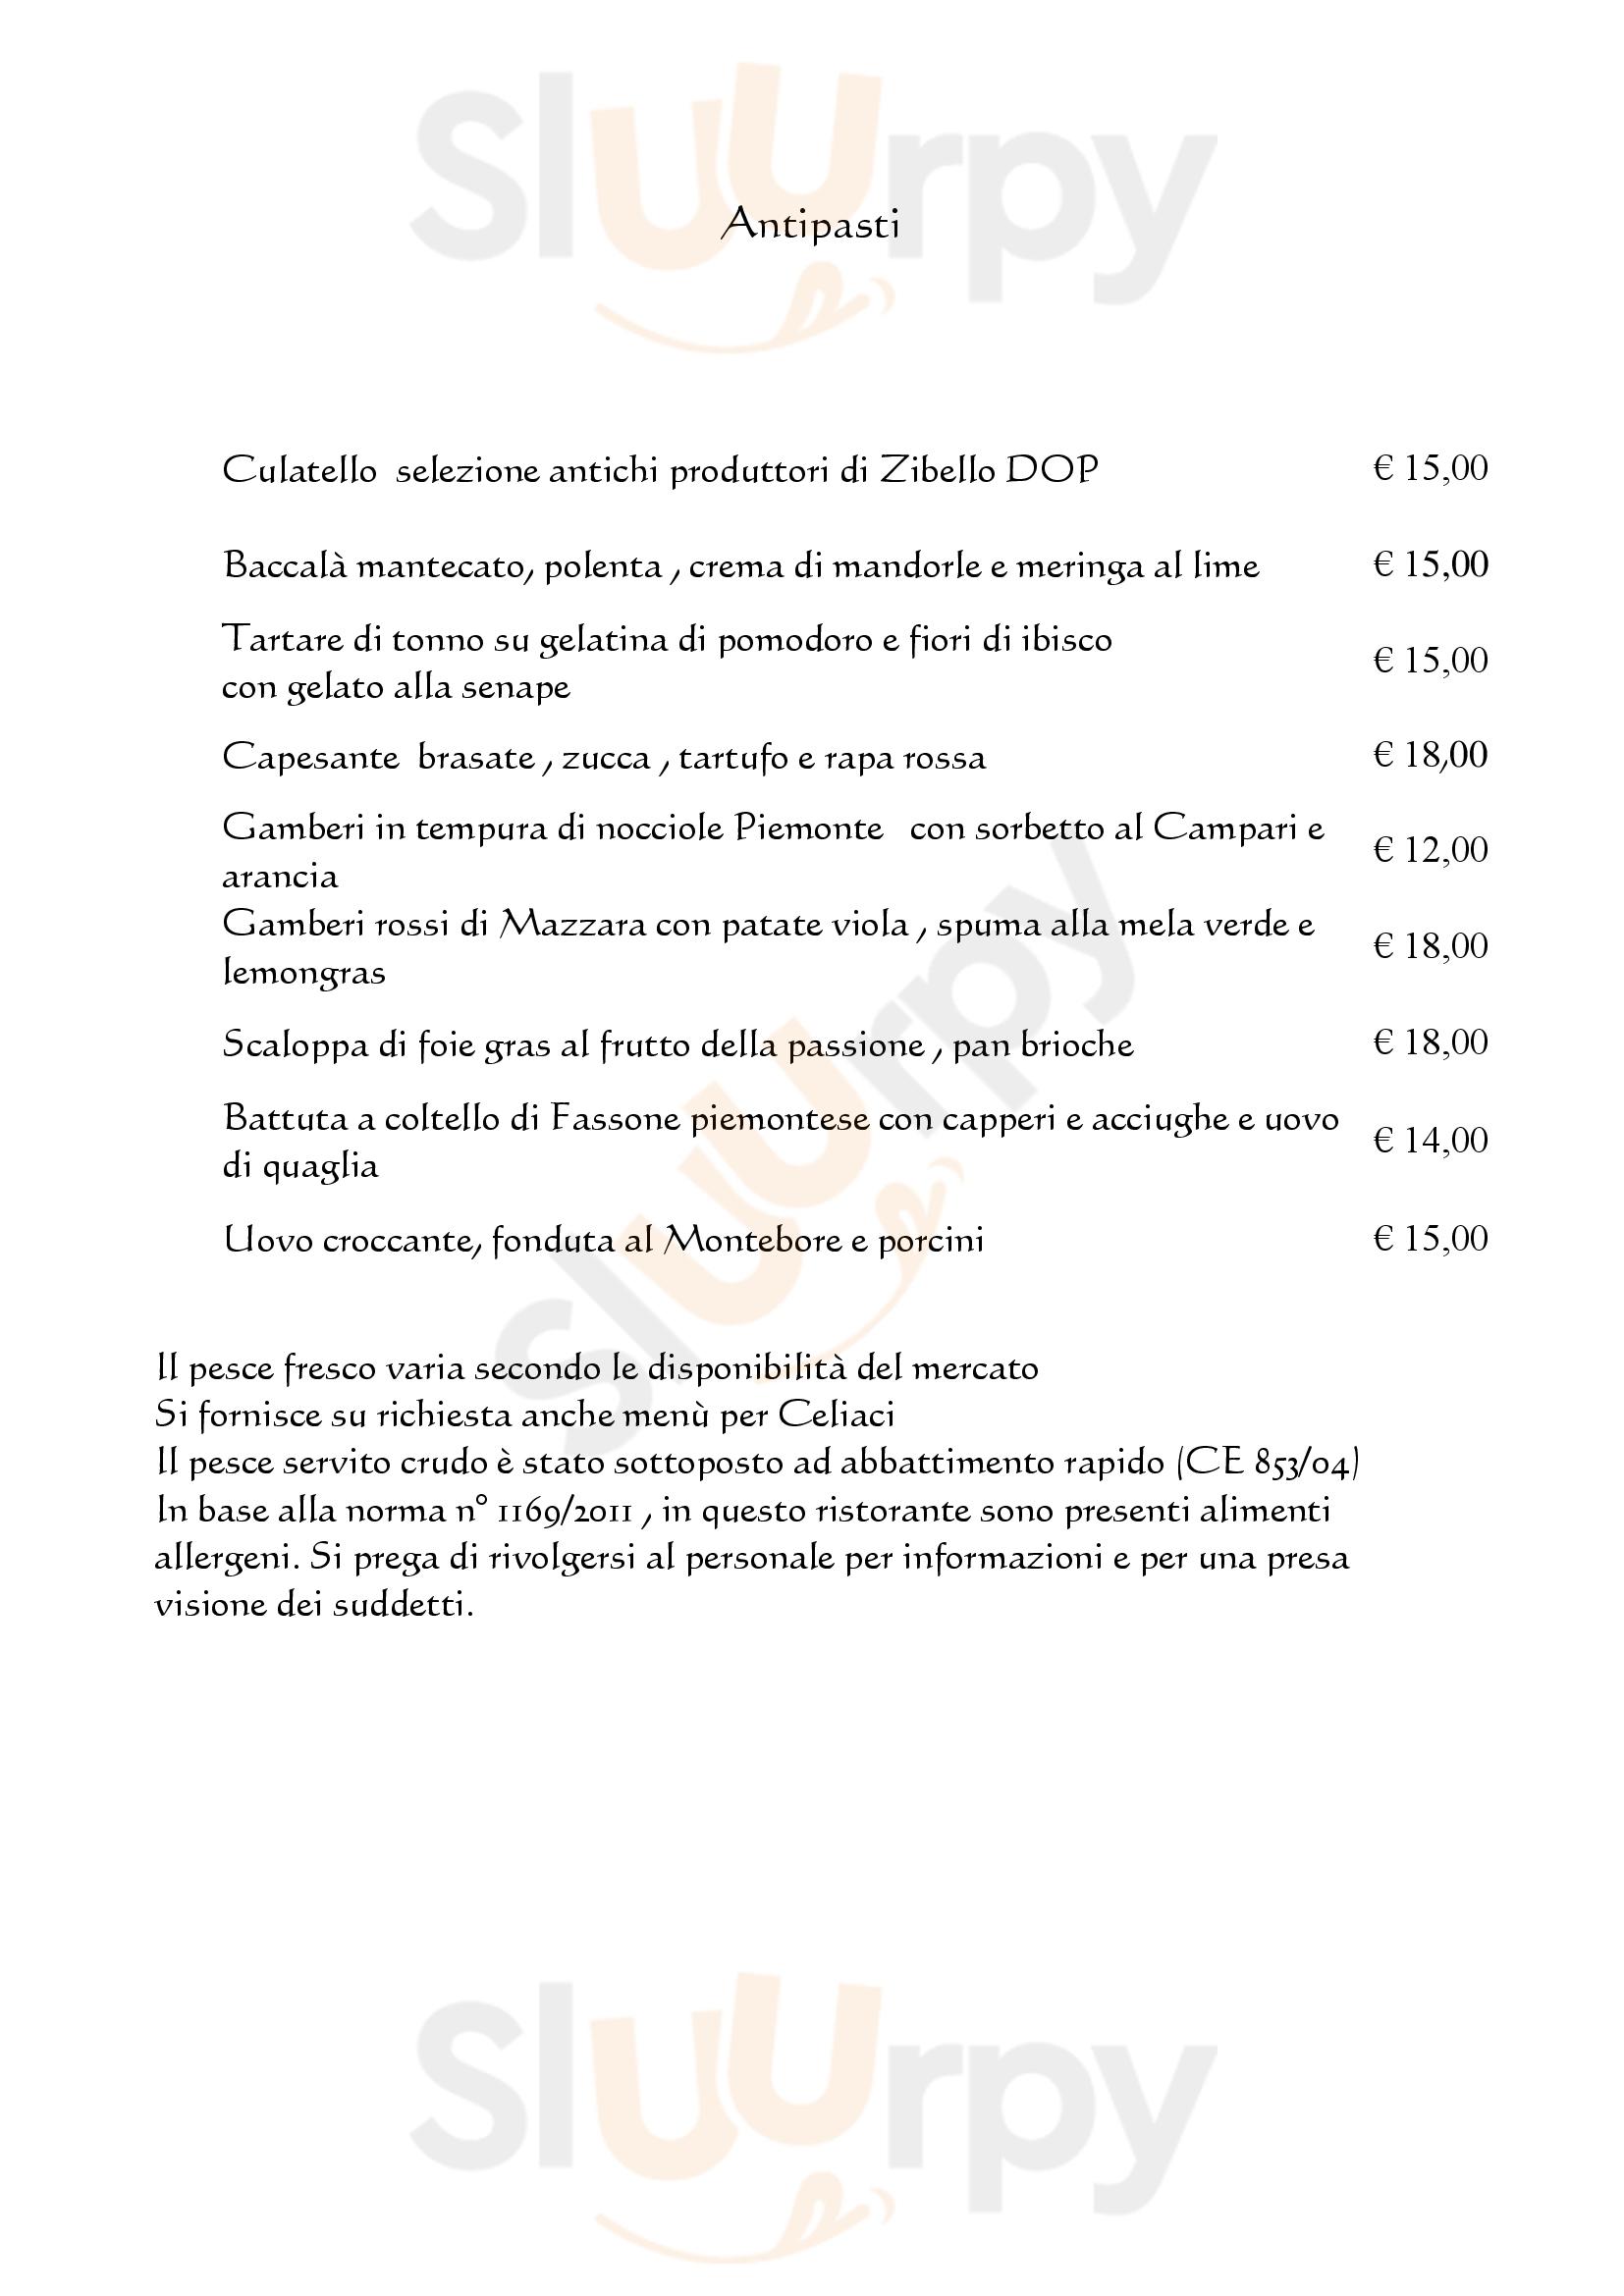 LOCANDA DEI NARCISI Pozzolo Formigaro menù 1 pagina